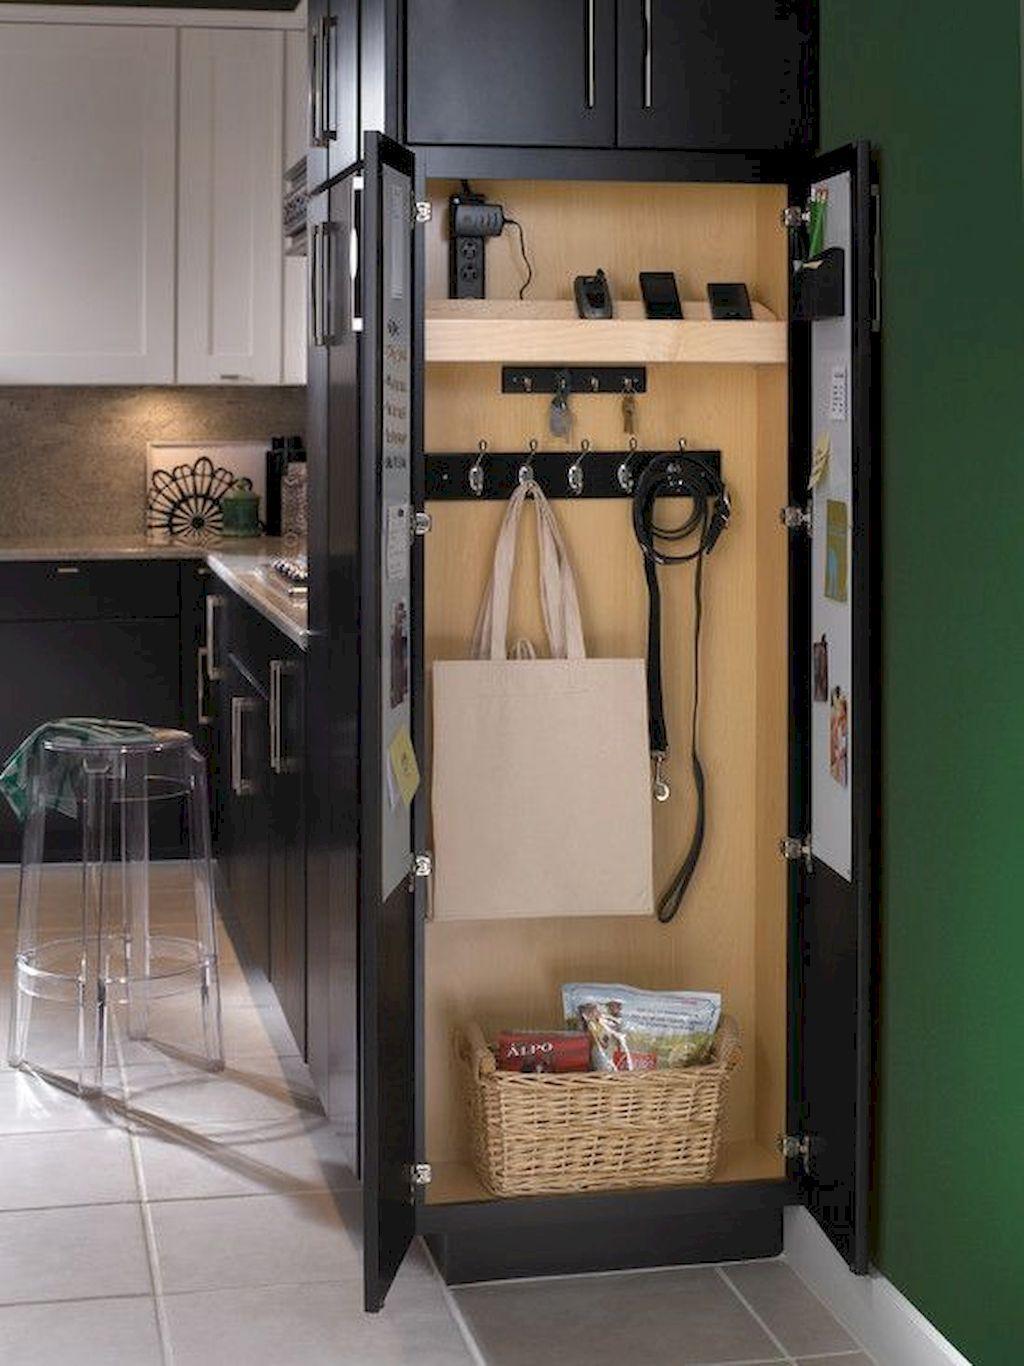 neat kitchen organization and storage ideas elonahome com home kitchen design kitchen and bath on kitchen decor organization id=72993